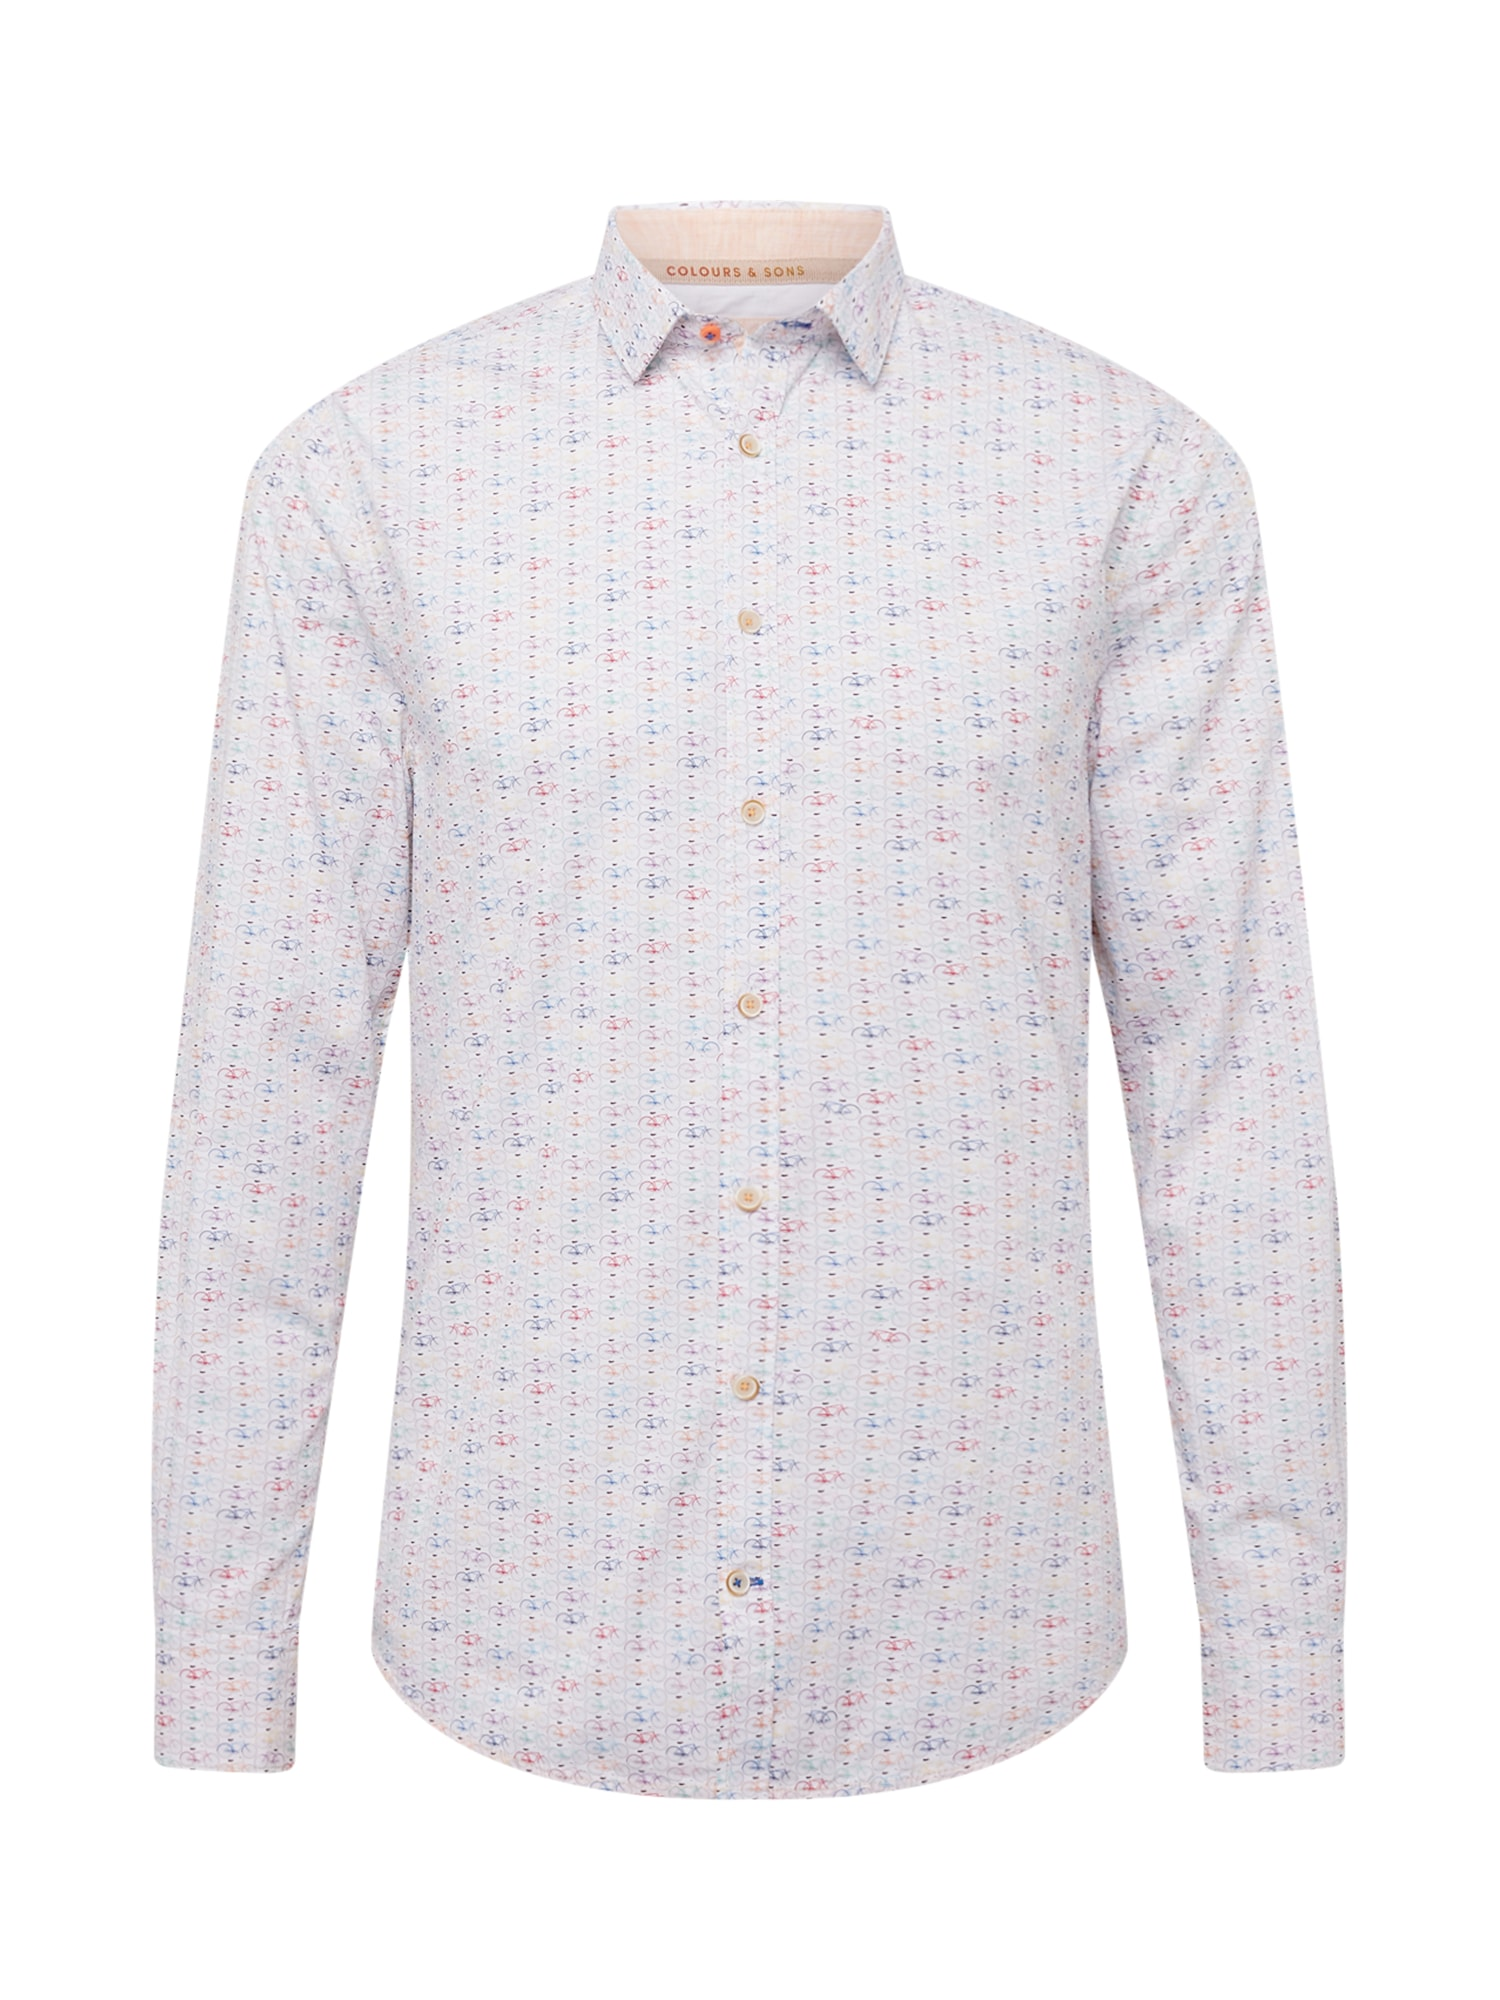 COLOURS & SONS Marškiniai šviesiai mėlyna / mišrios spalvos